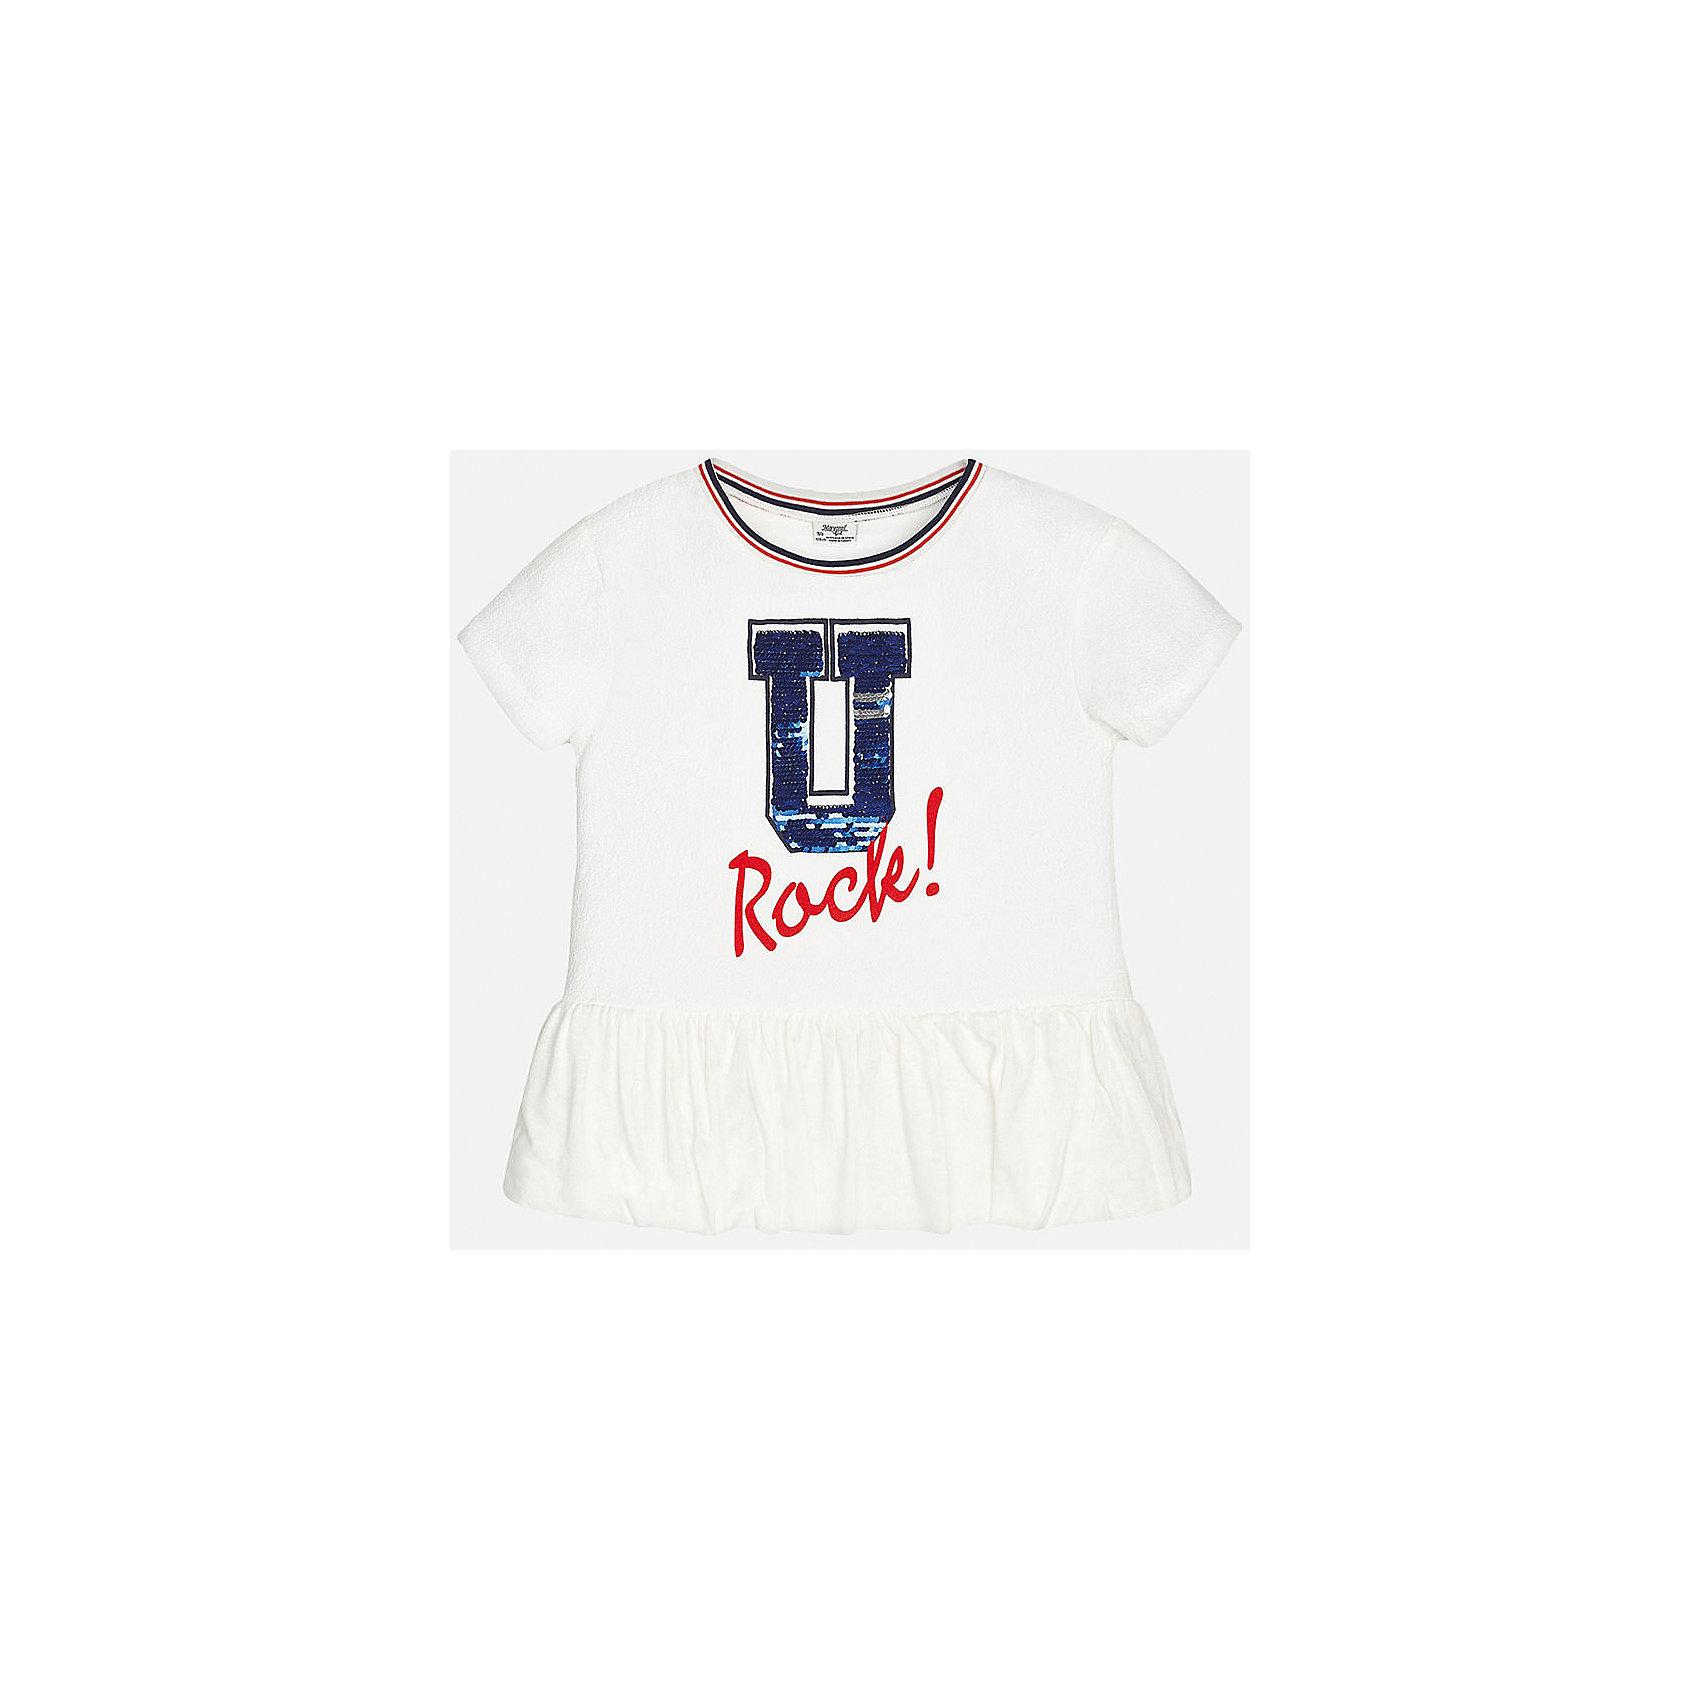 Футболка для девочки MayoralФутболки, поло и топы<br>Характеристики товара:<br><br>• цвет: белый<br>• состав: 97% полиэстер, 3% эластан<br>• контрастная отделка ворота<br>• декорирована пайетками<br>• короткие рукава<br>• принт<br>• страна бренда: Испания<br><br>Стильная оригинальная футболка для девочки поможет разнообразить гардероб ребенка и украсить наряд. Она отлично сочетается и с юбками, и с шортами, и с брюками. Универсальный цвет позволяет подобрать к вещи низ практически любой расцветки. Интересная отделка модели делает её нарядной и оригинальной. <br><br>Одежда, обувь и аксессуары от испанского бренда Mayoral полюбились детям и взрослым по всему миру. Модели этой марки - стильные и удобные. Для их производства используются только безопасные, качественные материалы и фурнитура. Порадуйте ребенка модными и красивыми вещами от Mayoral! <br><br>Футболку для девочки от испанского бренда Mayoral (Майорал) можно купить в нашем интернет-магазине.<br><br>Ширина мм: 199<br>Глубина мм: 10<br>Высота мм: 161<br>Вес г: 151<br>Цвет: белый<br>Возраст от месяцев: 156<br>Возраст до месяцев: 168<br>Пол: Женский<br>Возраст: Детский<br>Размер: 164,170,128/134,140,152,158<br>SKU: 5300814